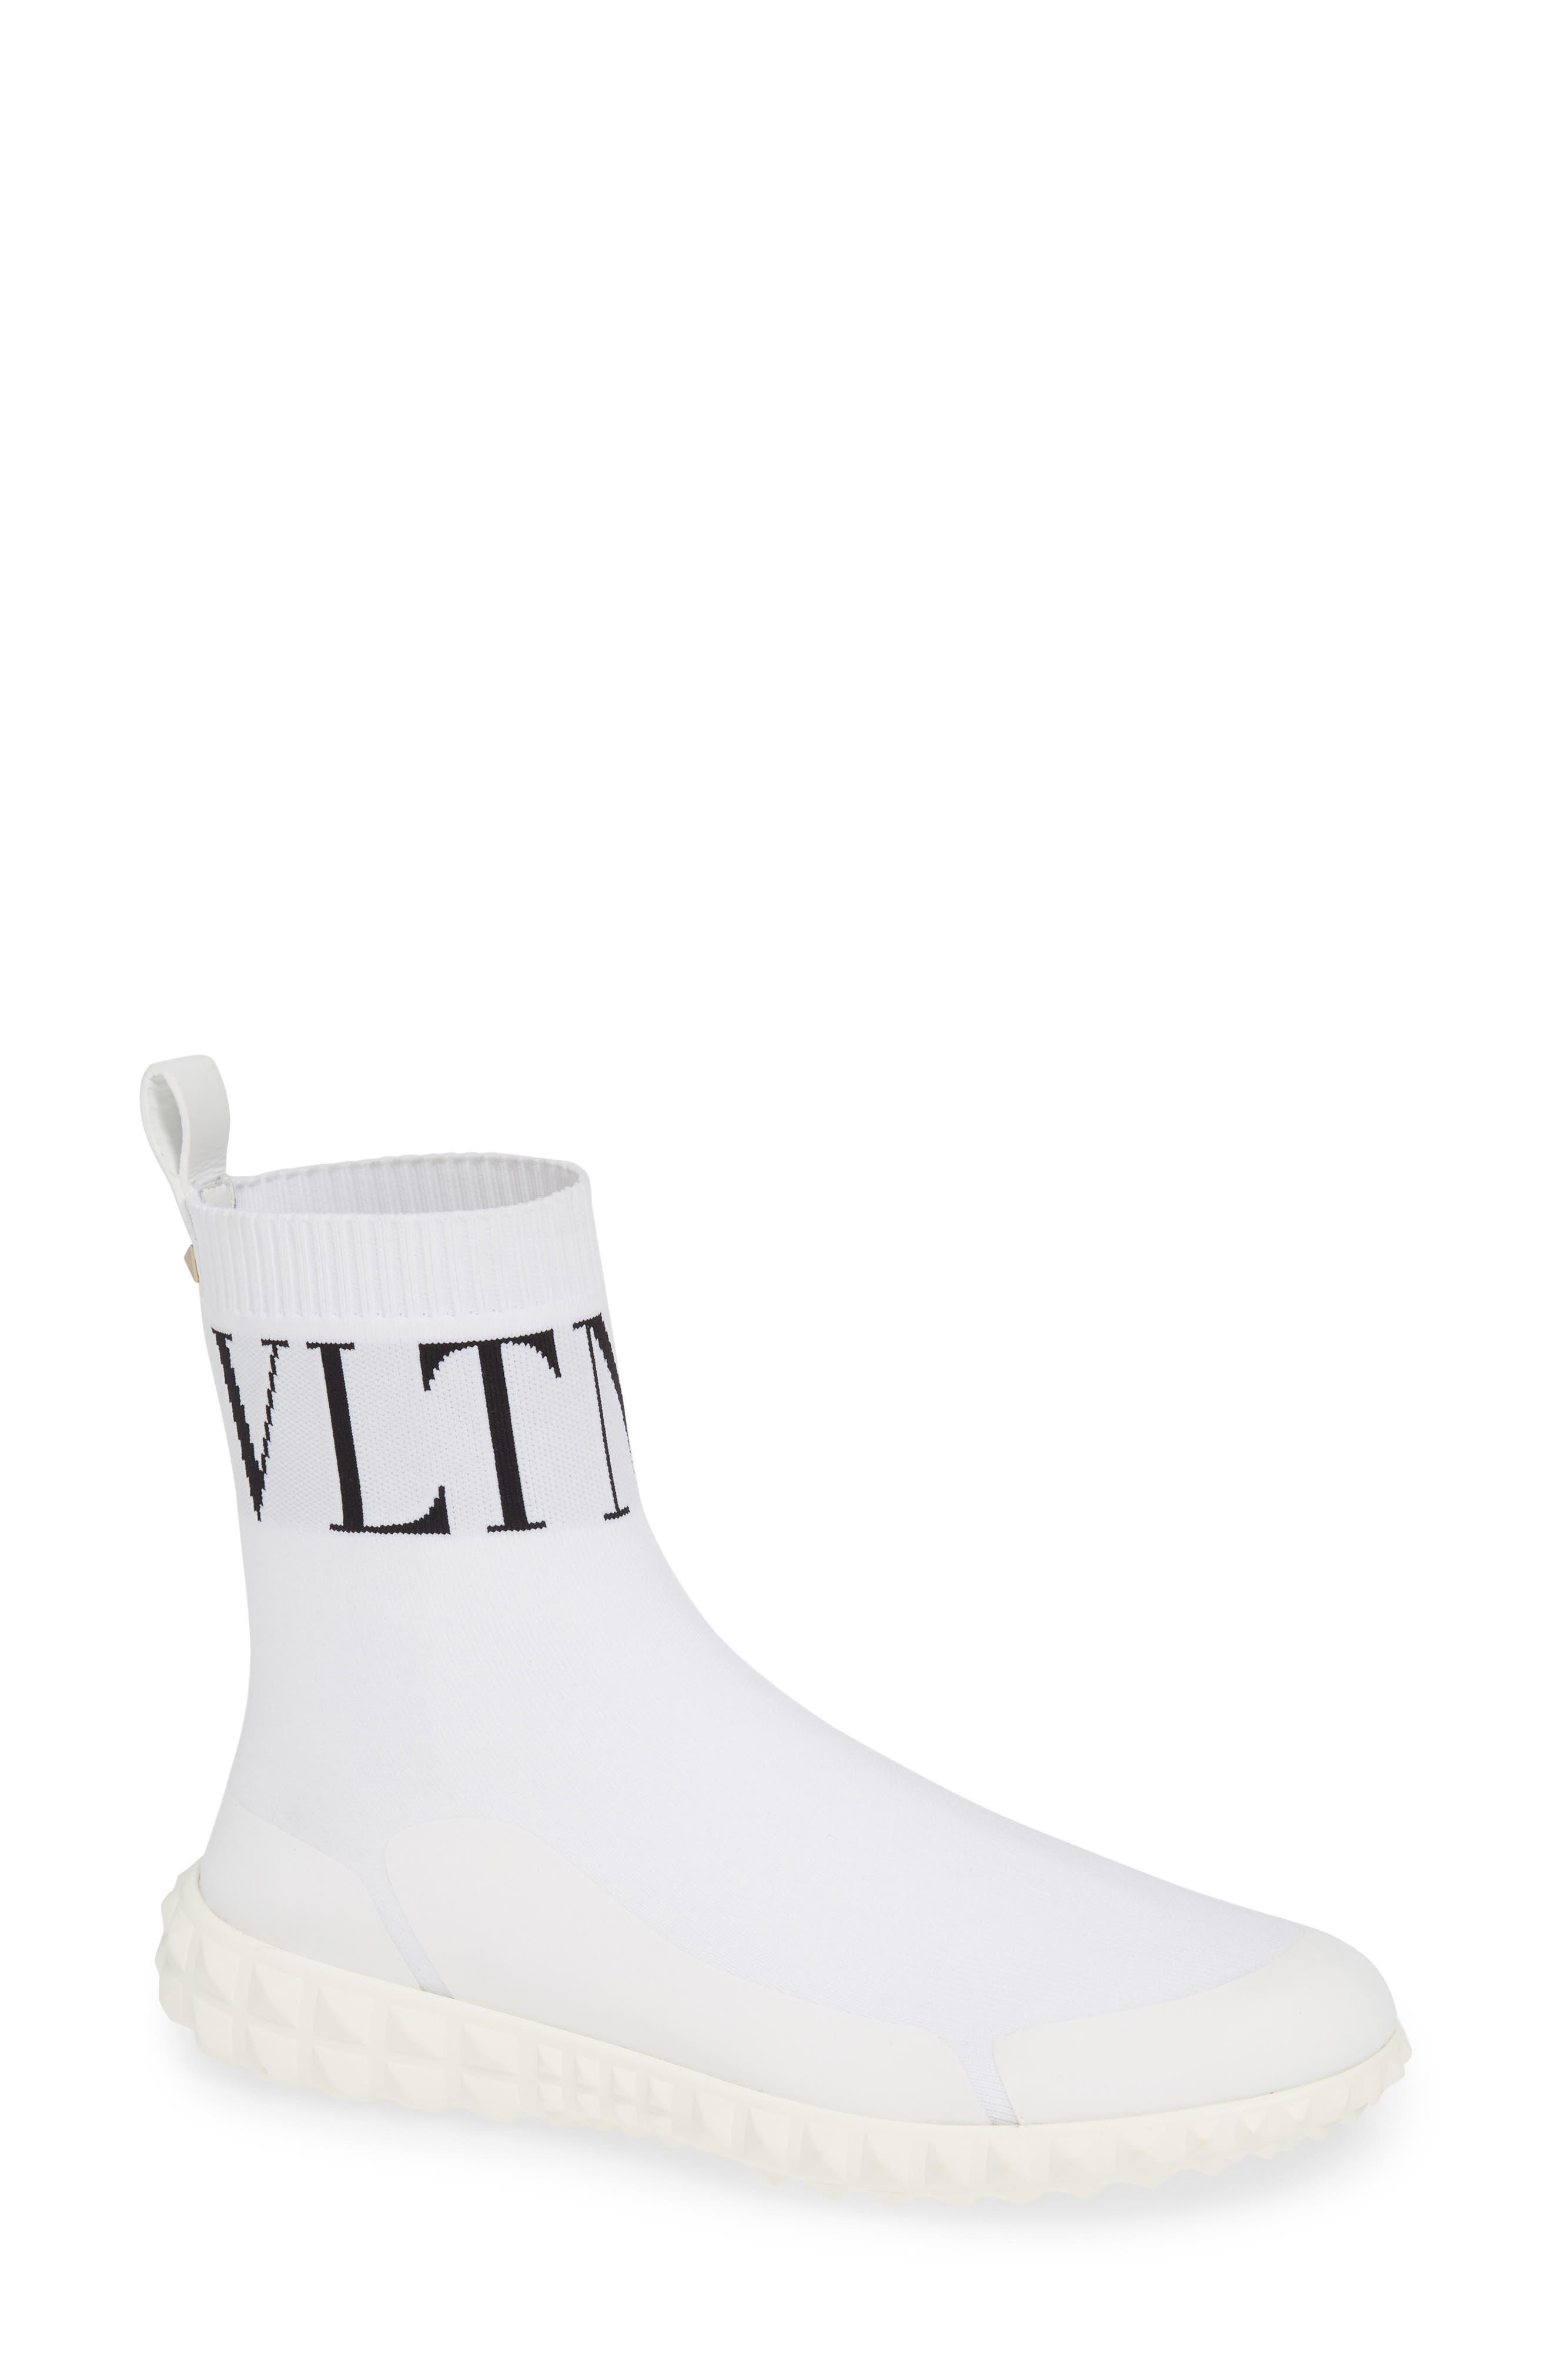 VLTN Slip-On Sock Sneaker,                         Main,                         color, WHITE